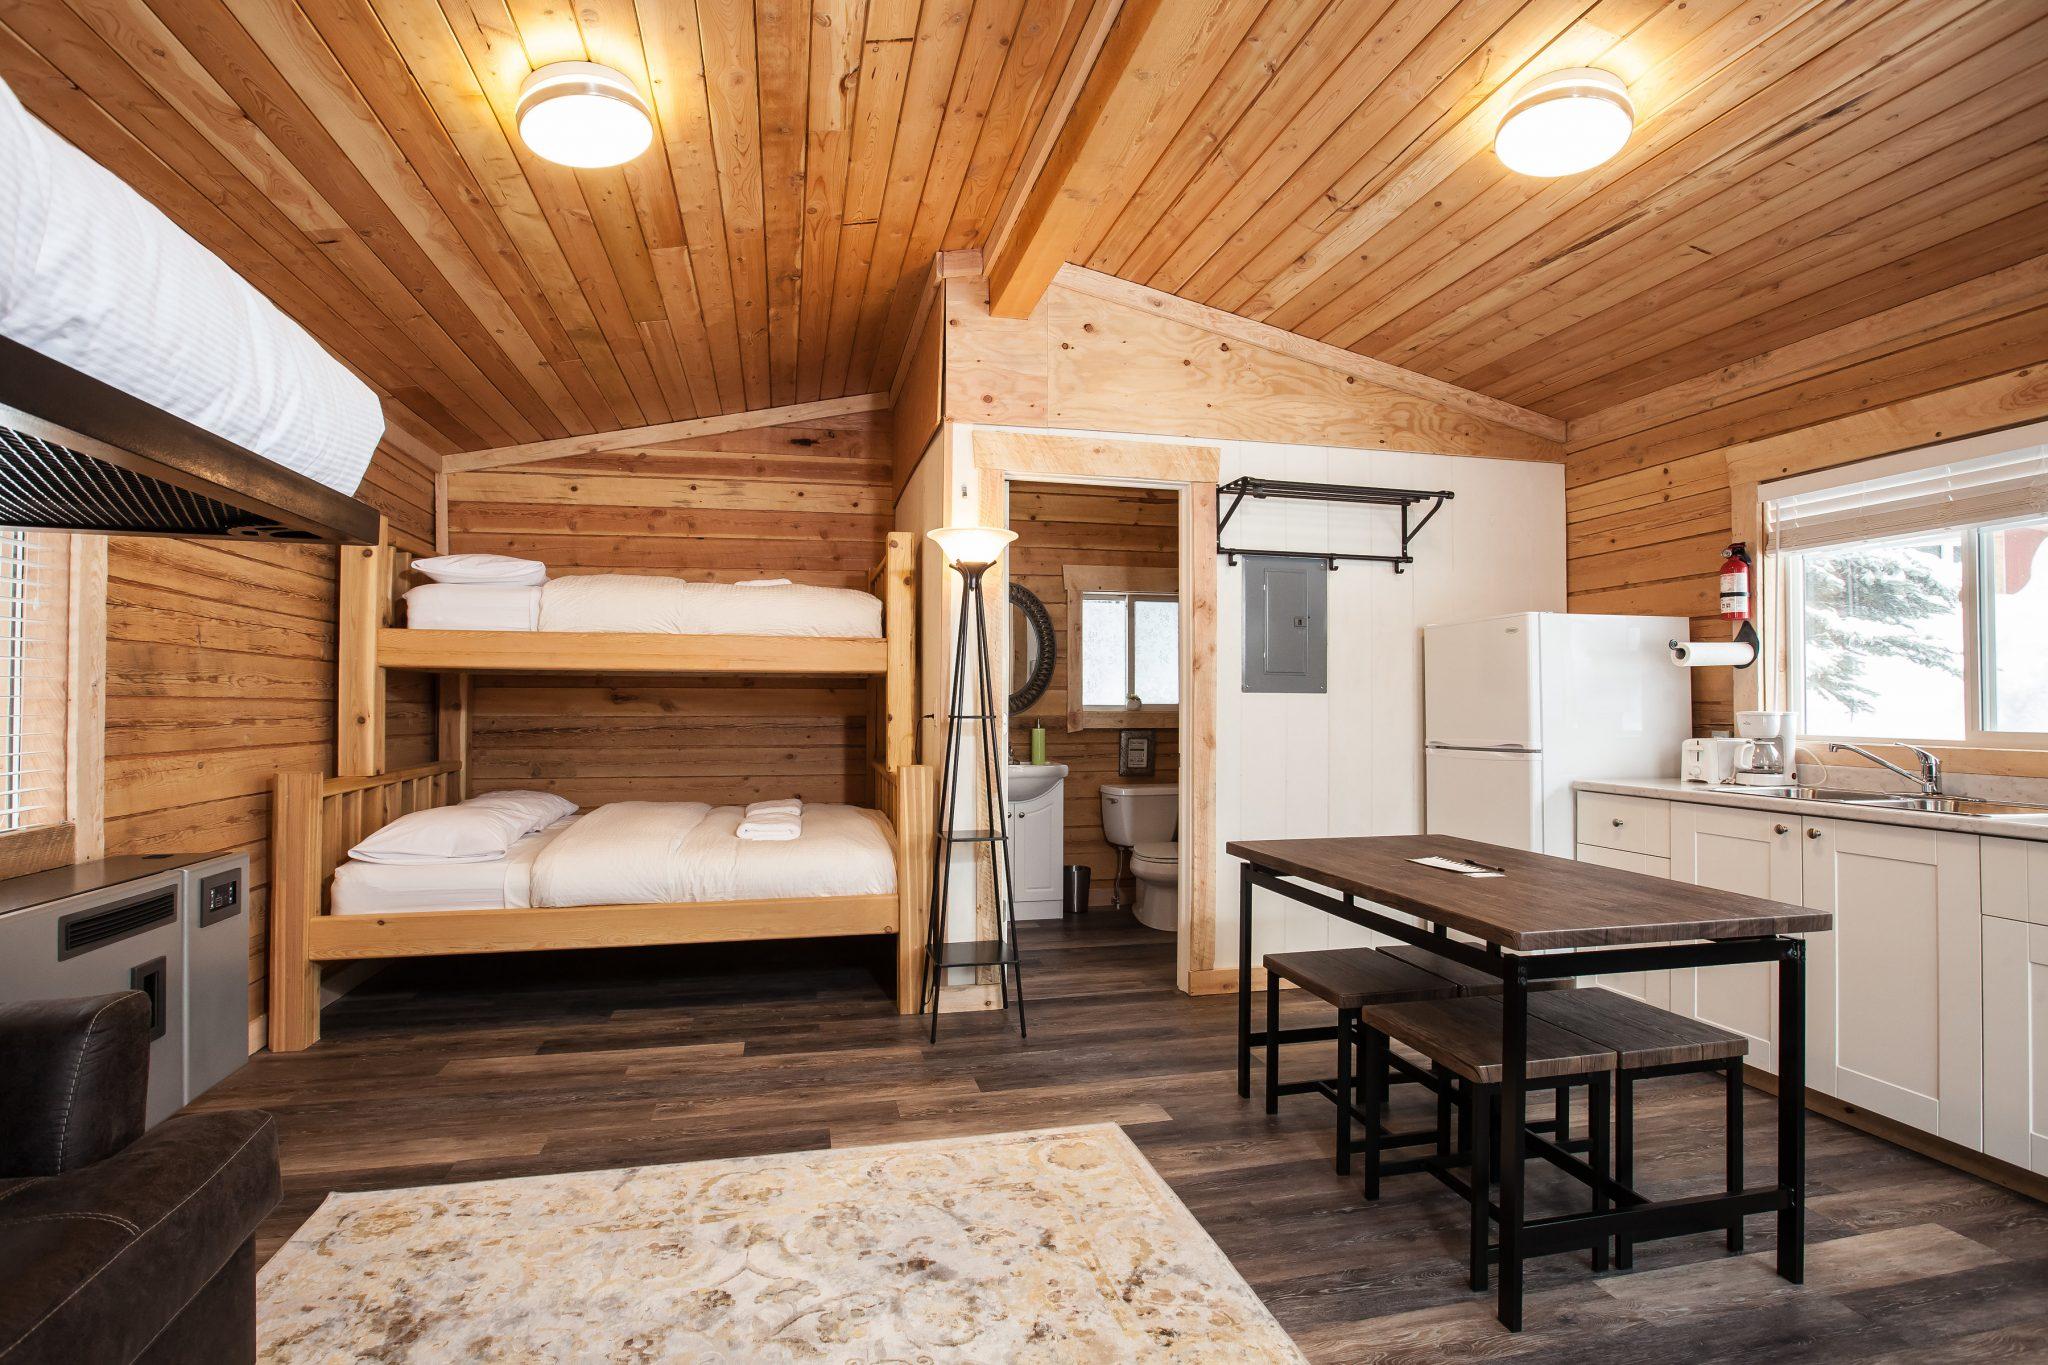 Grizzly & Kodiak Cabins